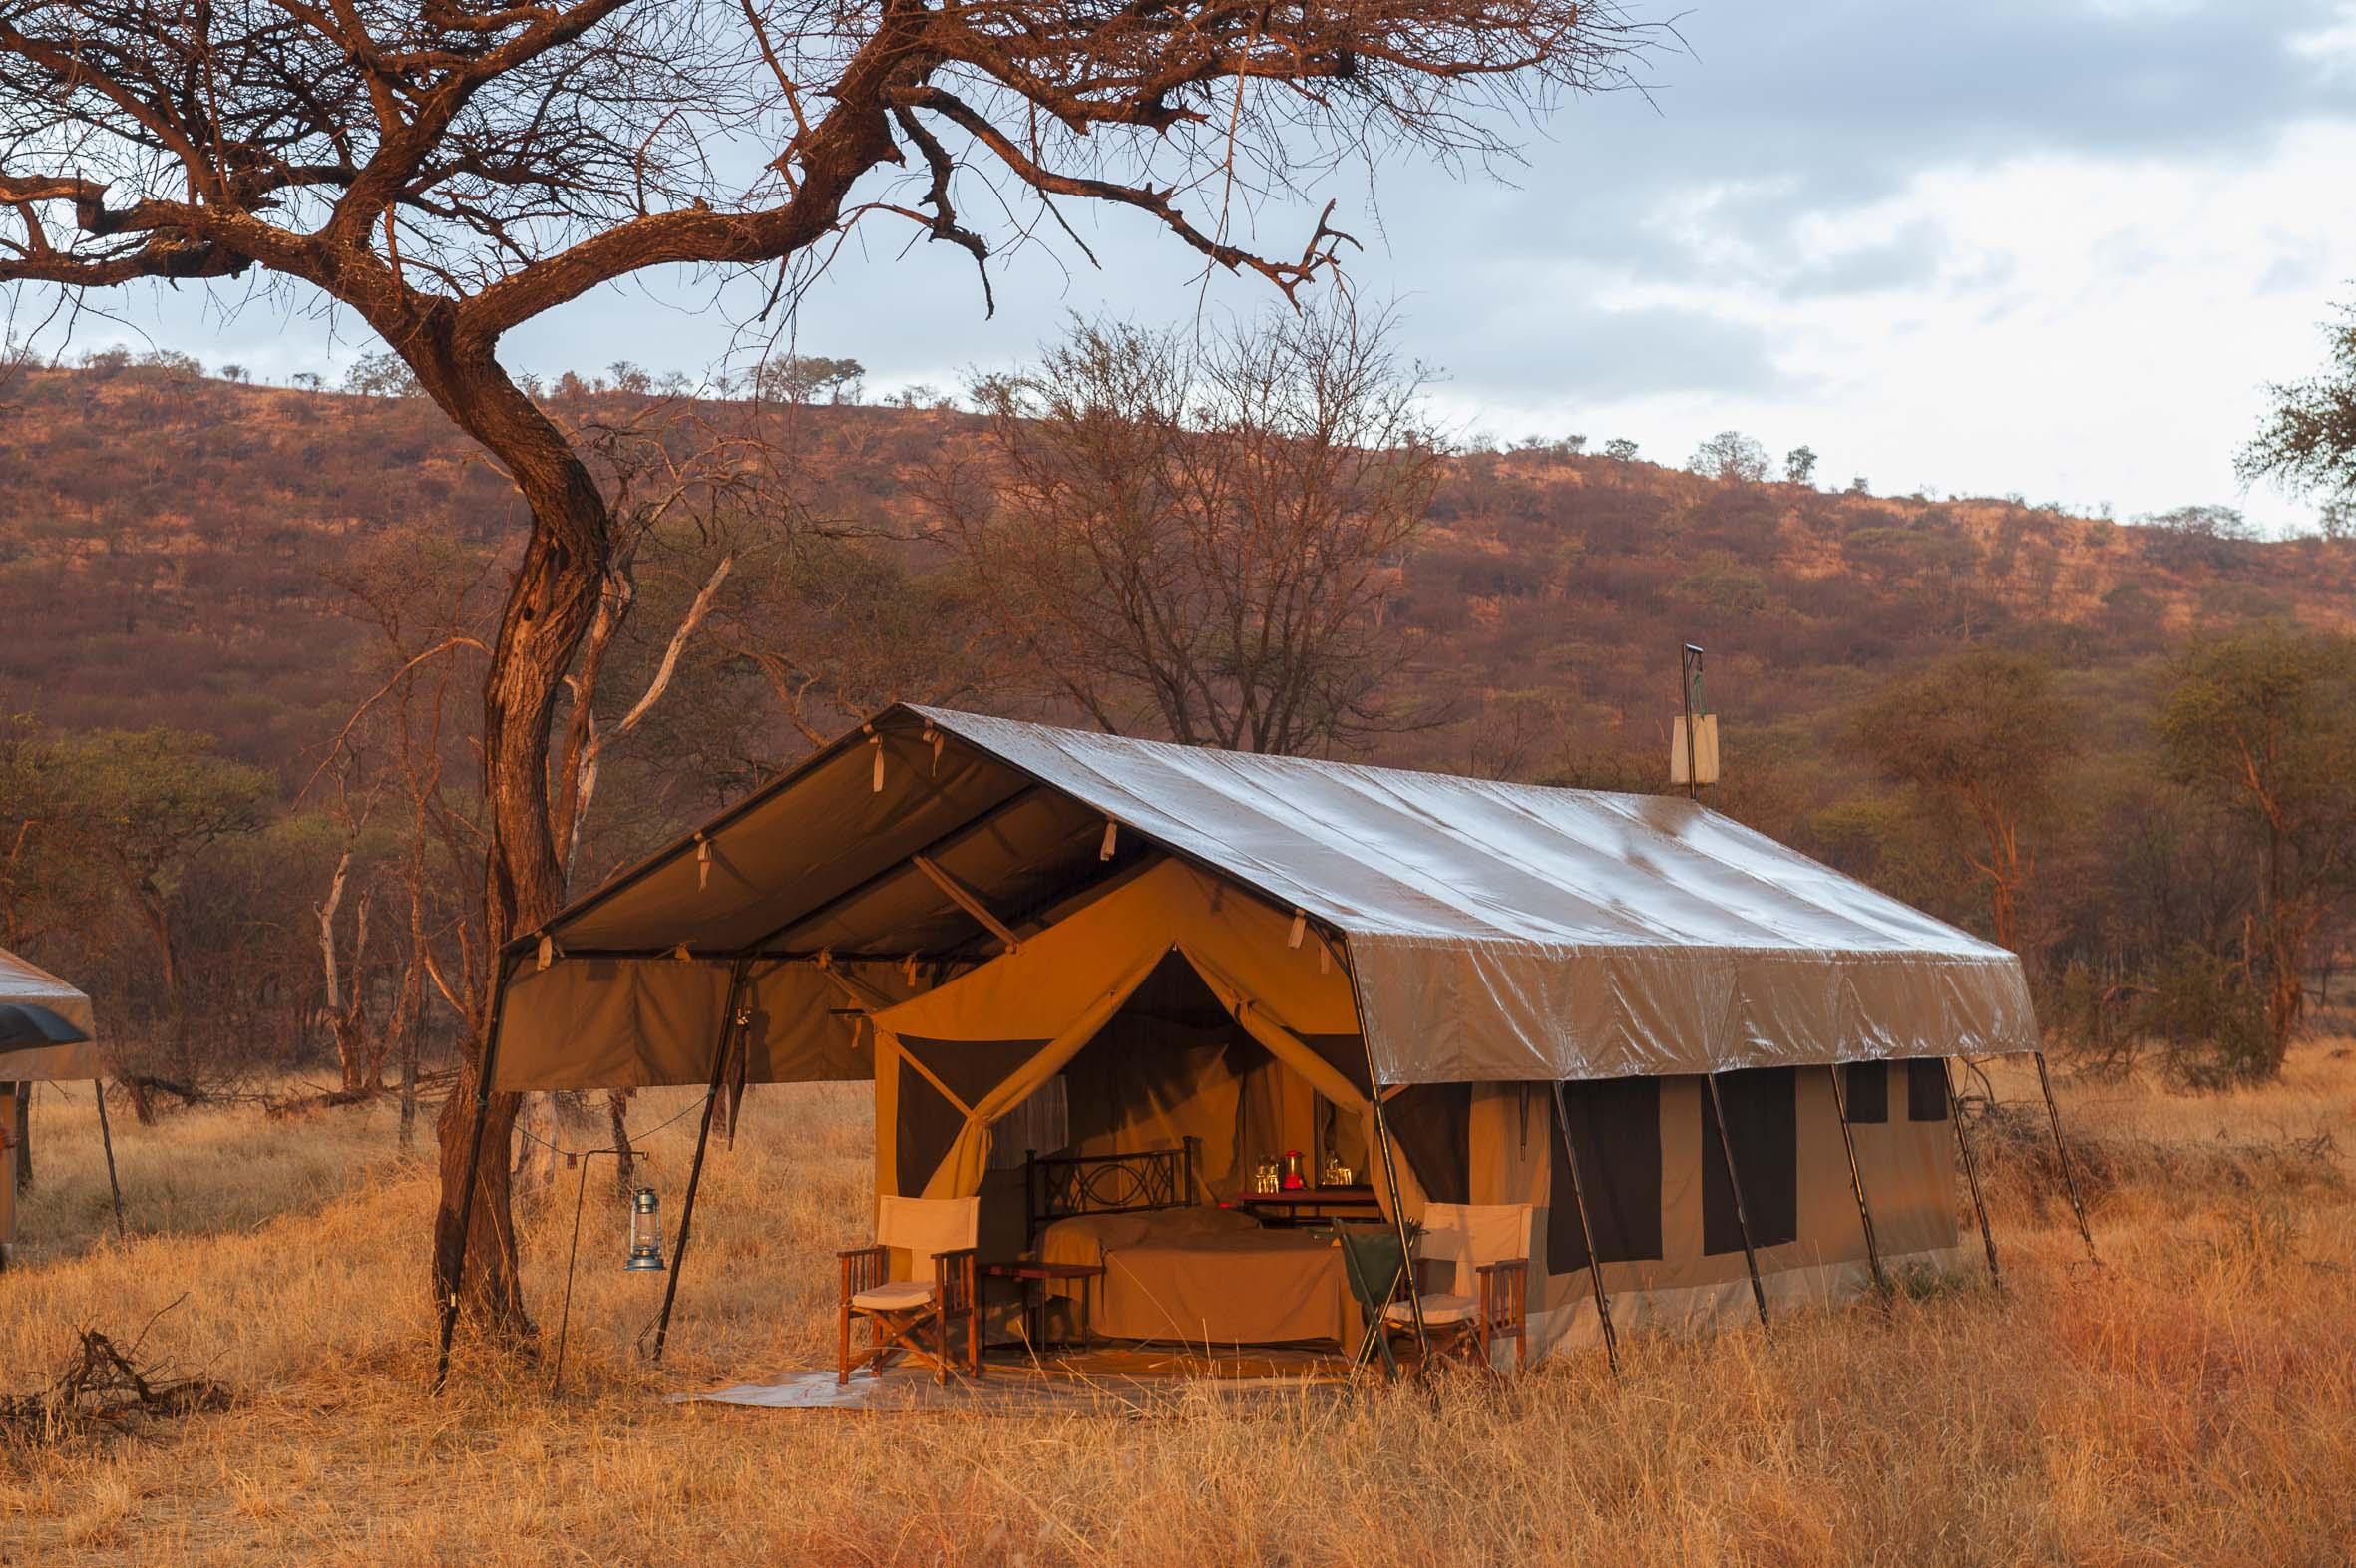 Kati Kati Tented Camp Outside Area